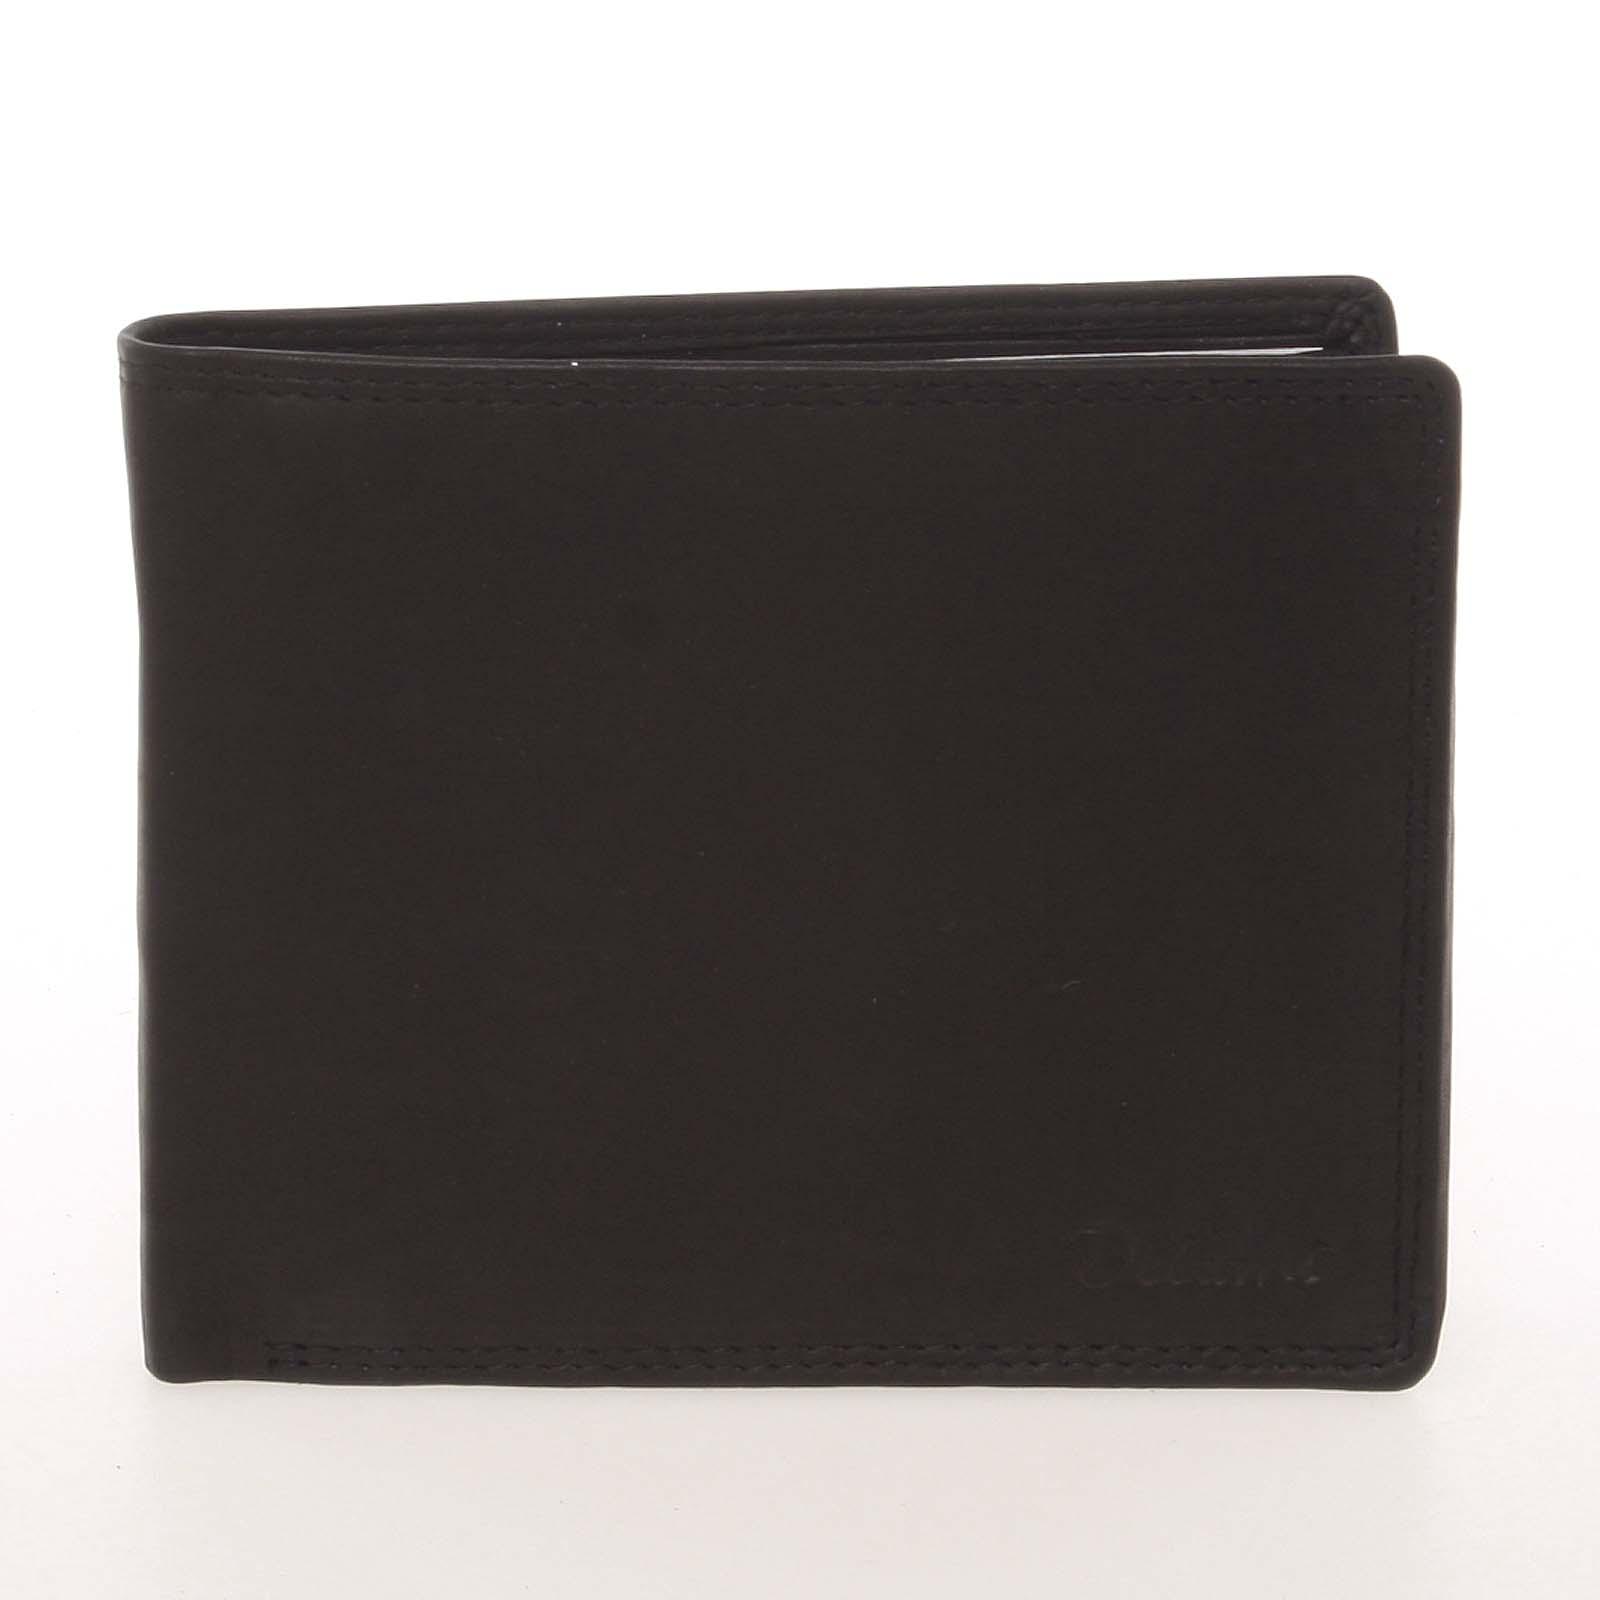 Elegantná pánska kožená čierna peňaženka - Delami Kerman čierna